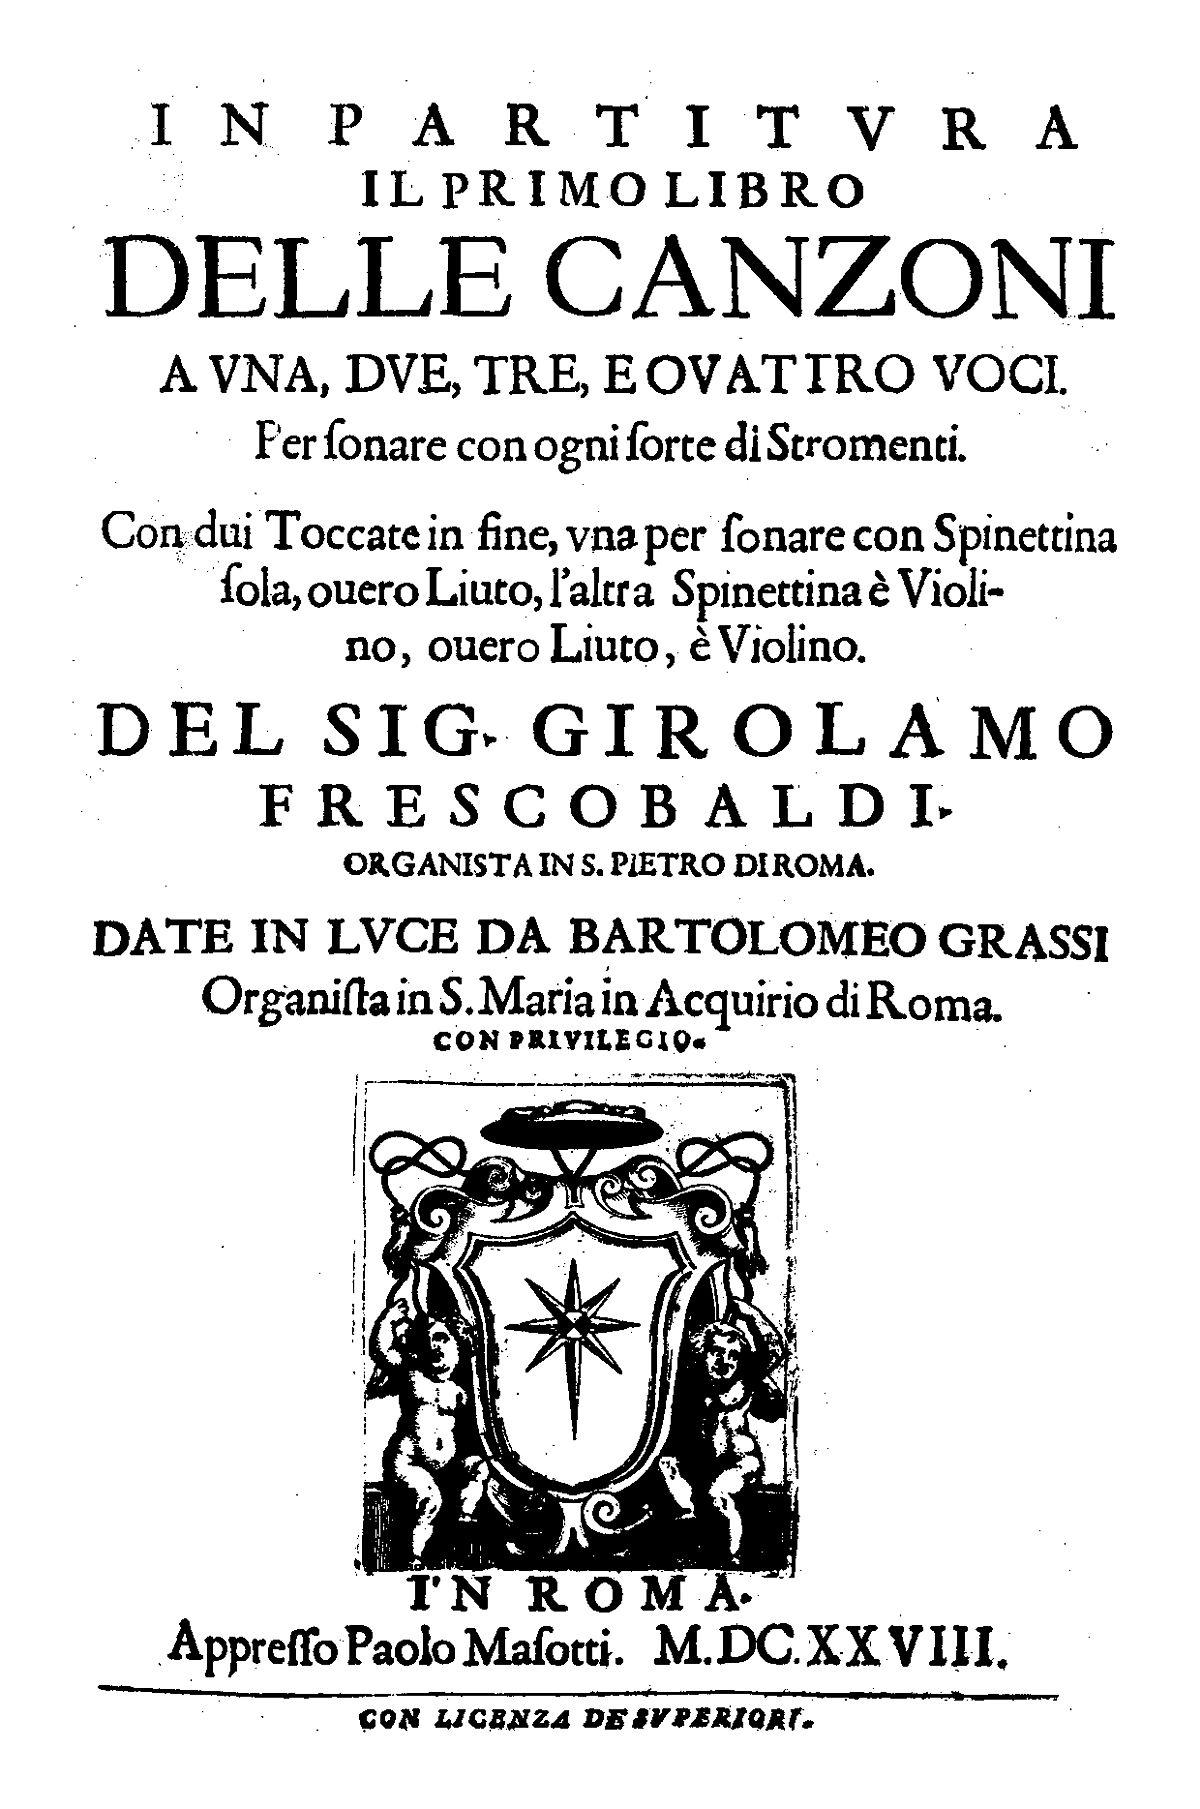 Il Primo Libro delle Canzoni - Wikipedia